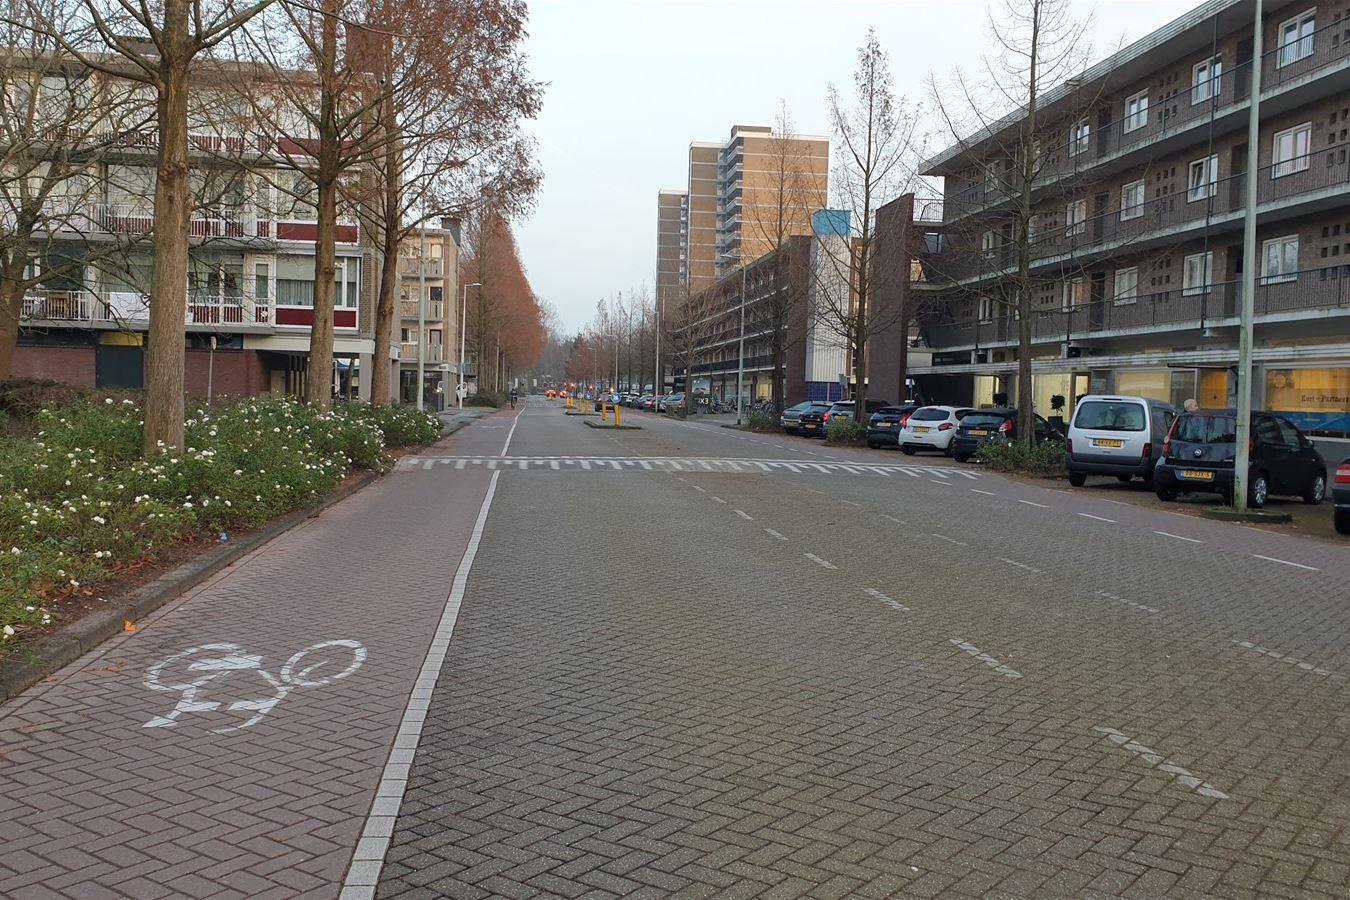 Bekijk foto 3 van Arent Janszoon Ernststraat 179 A, B